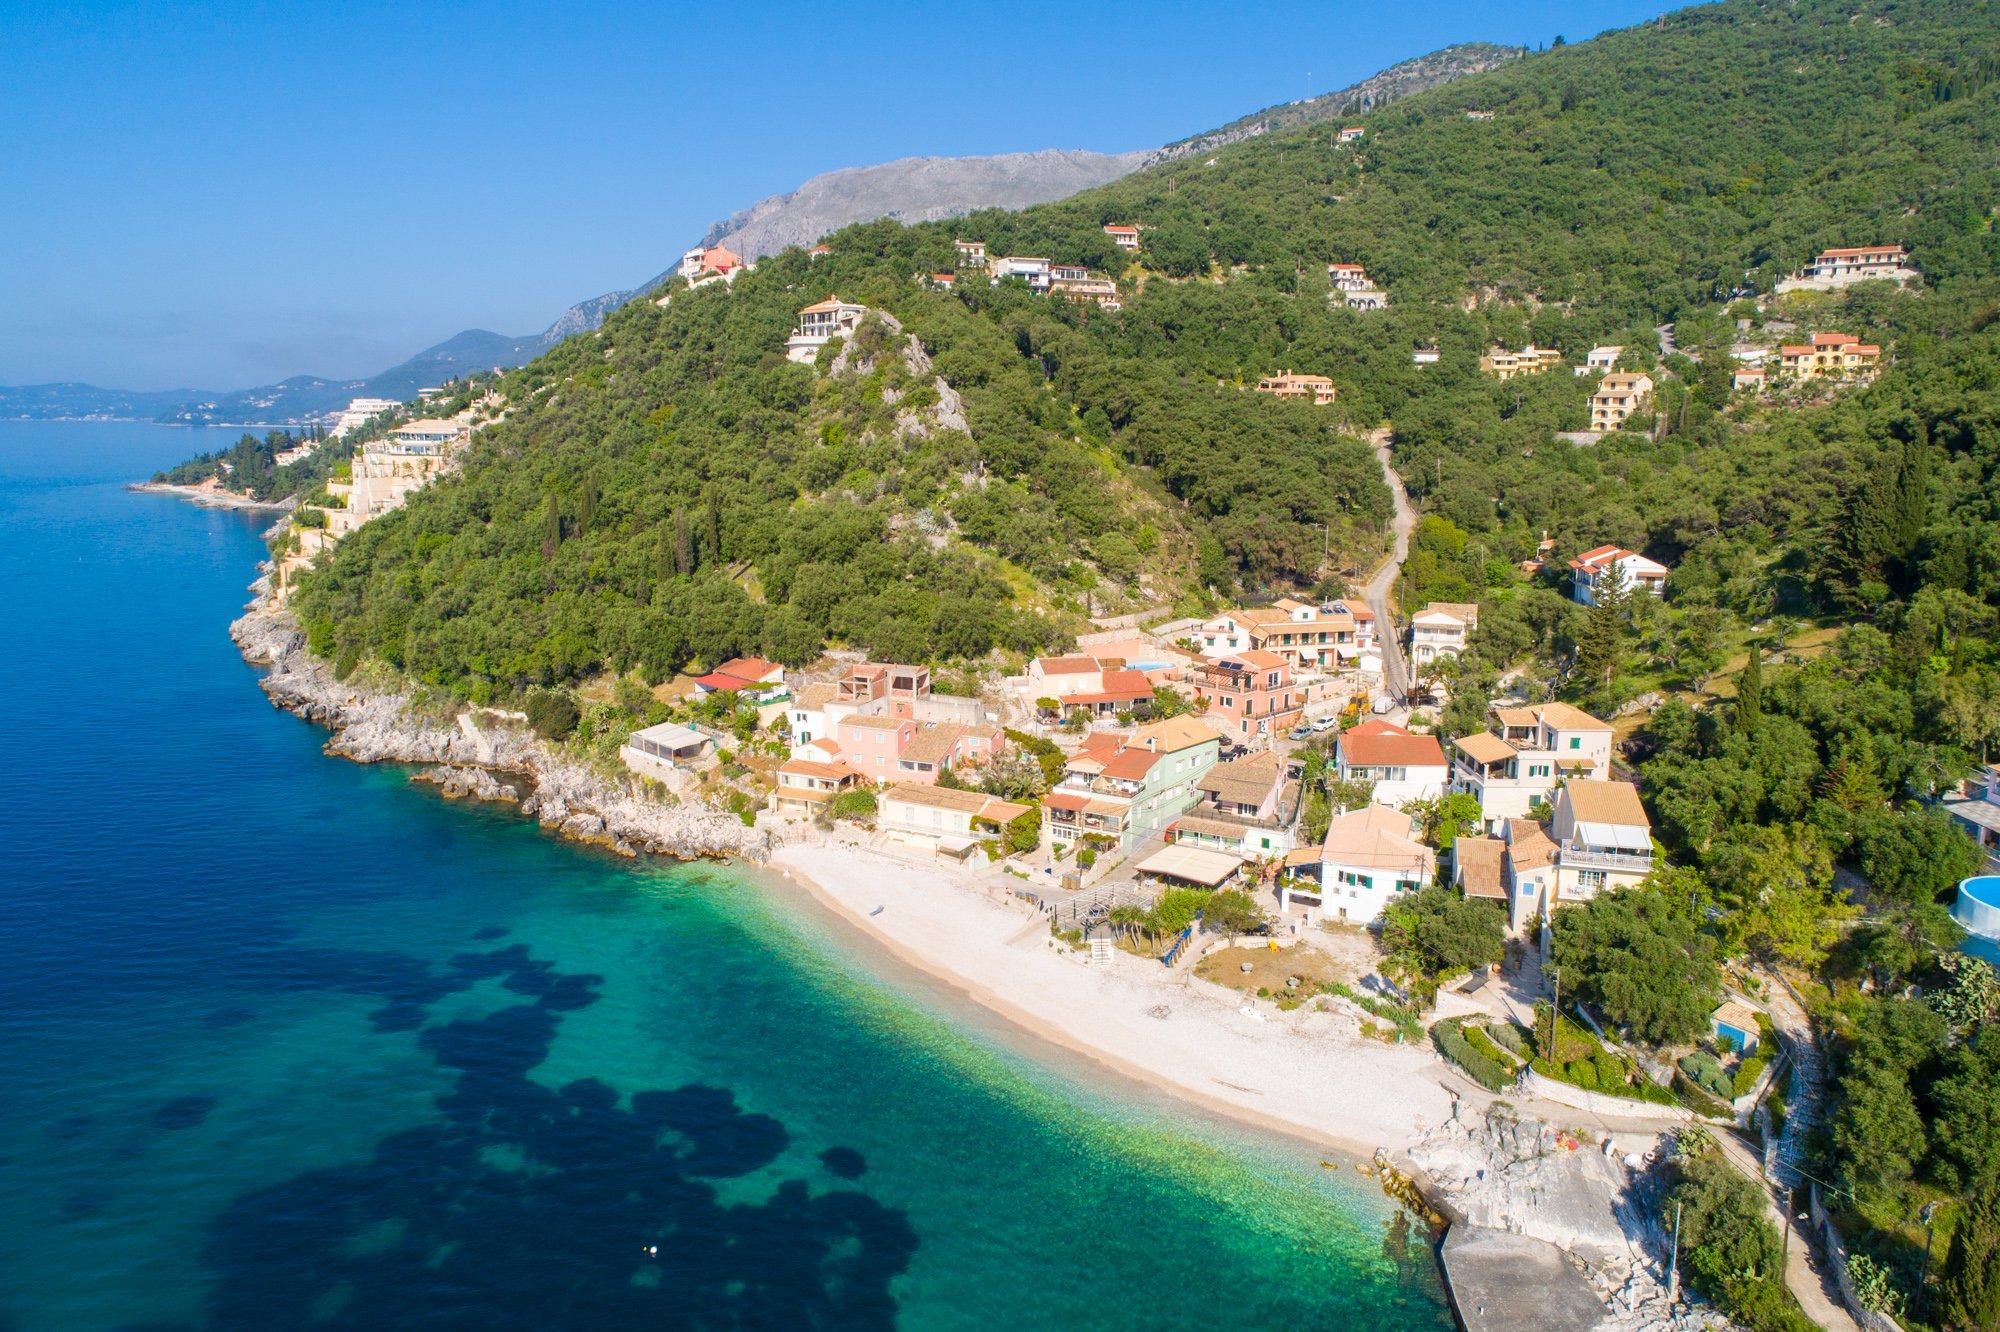 Corfu, Kaminaki